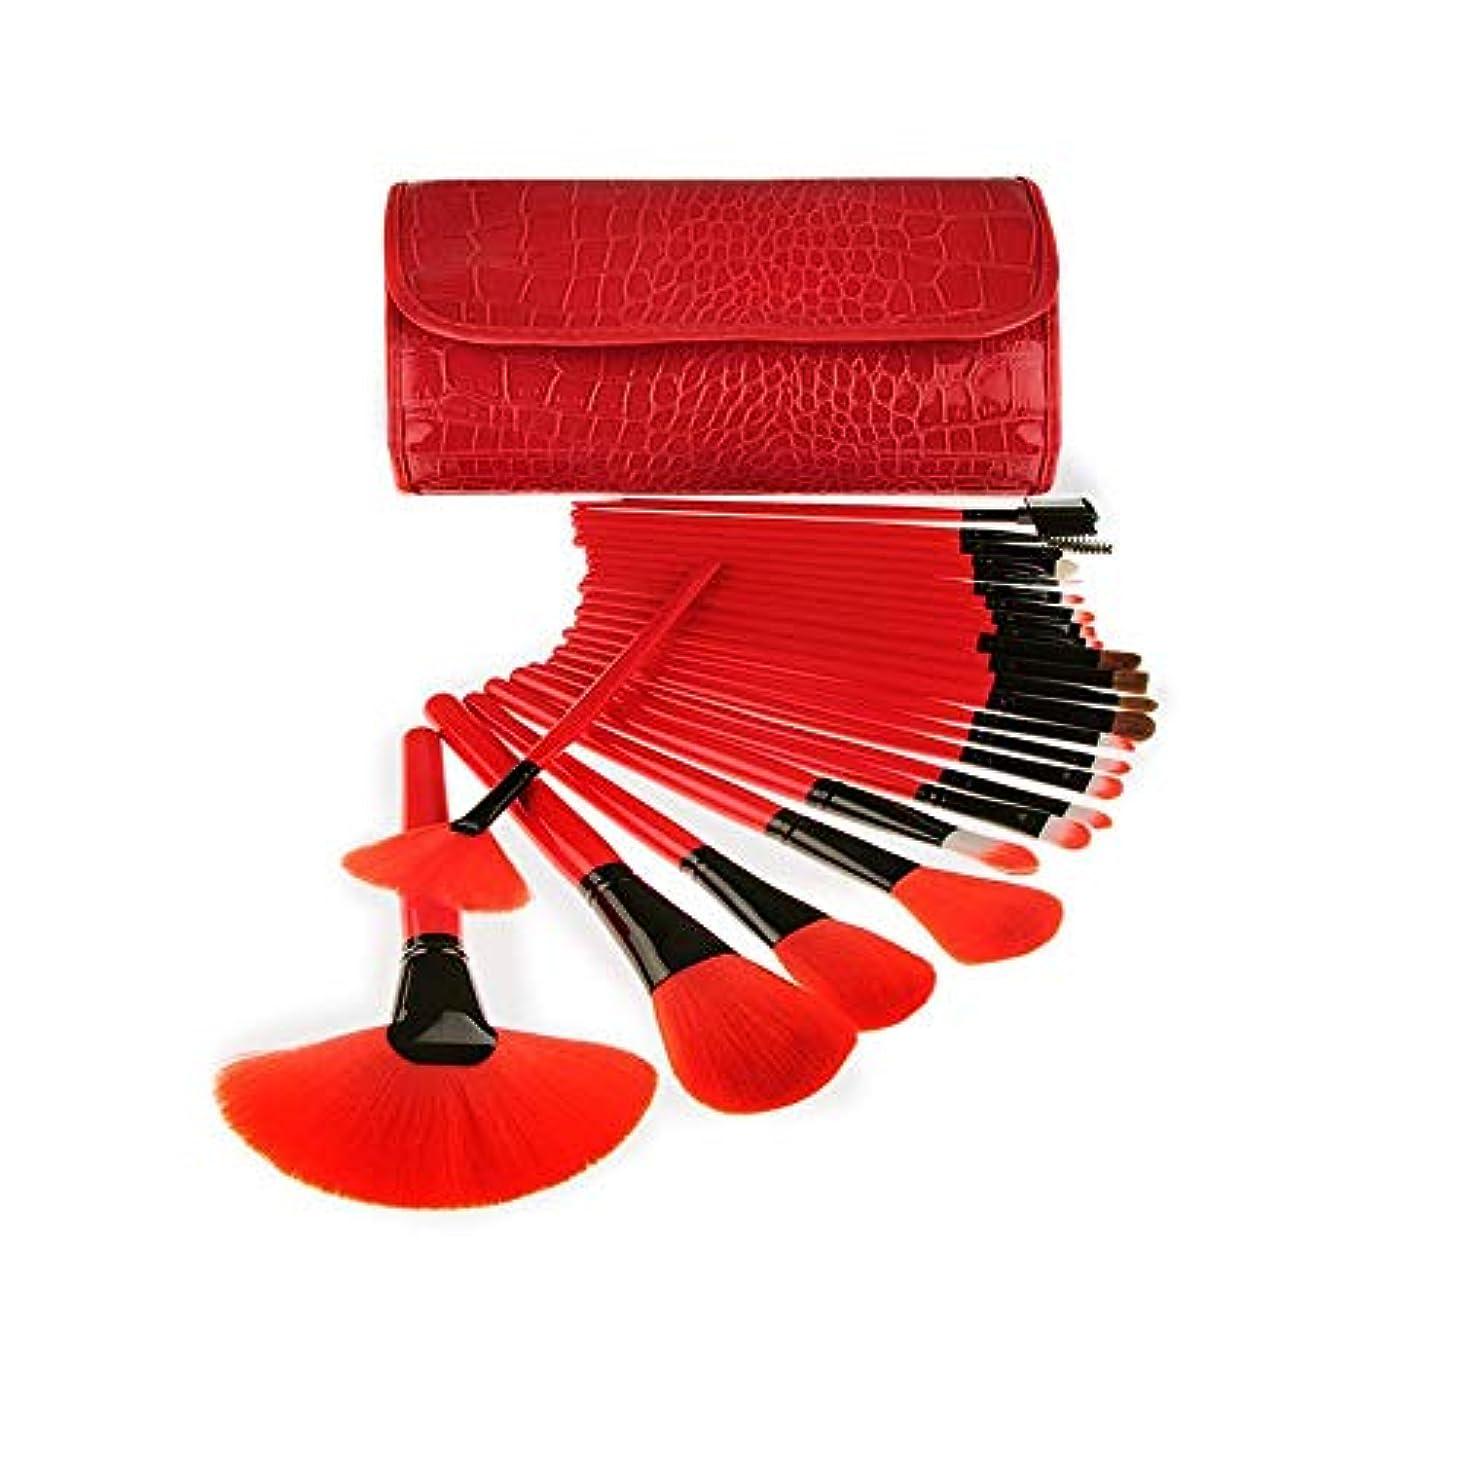 フラグラント公平な確率CHANGYUXINTAI-HUAZHUANGSHUA 旅行を容易にするための混合基礎ブラシのための24本の化粧ブラシのセット。 (Color : Red)